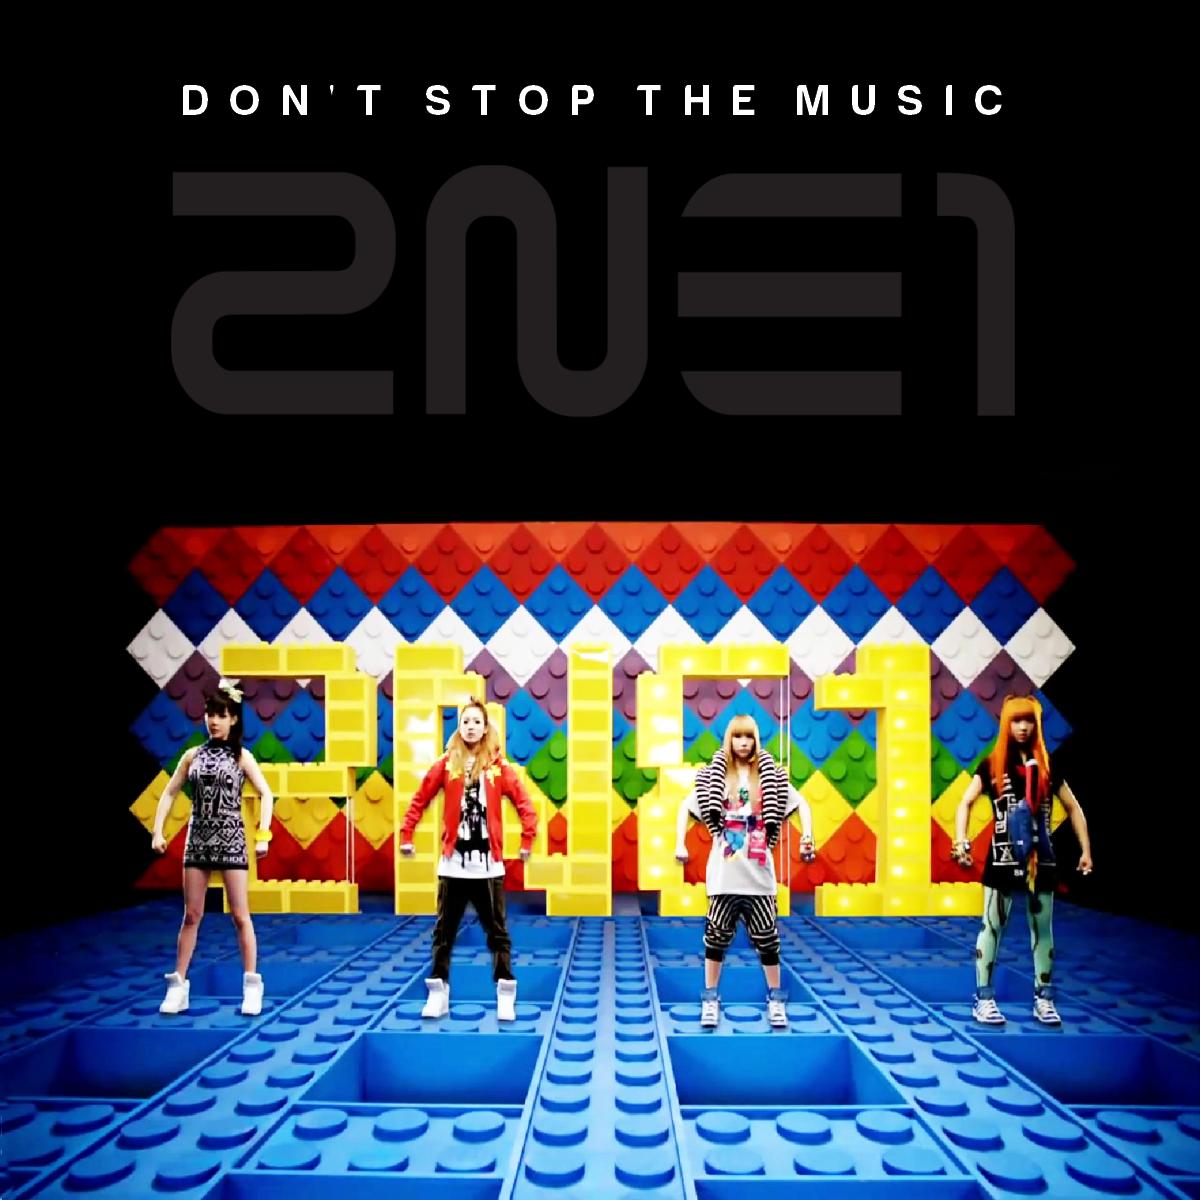 2NE1 - Don't Stop The Music Cover Art by 2NE1-ART on DeviantArt